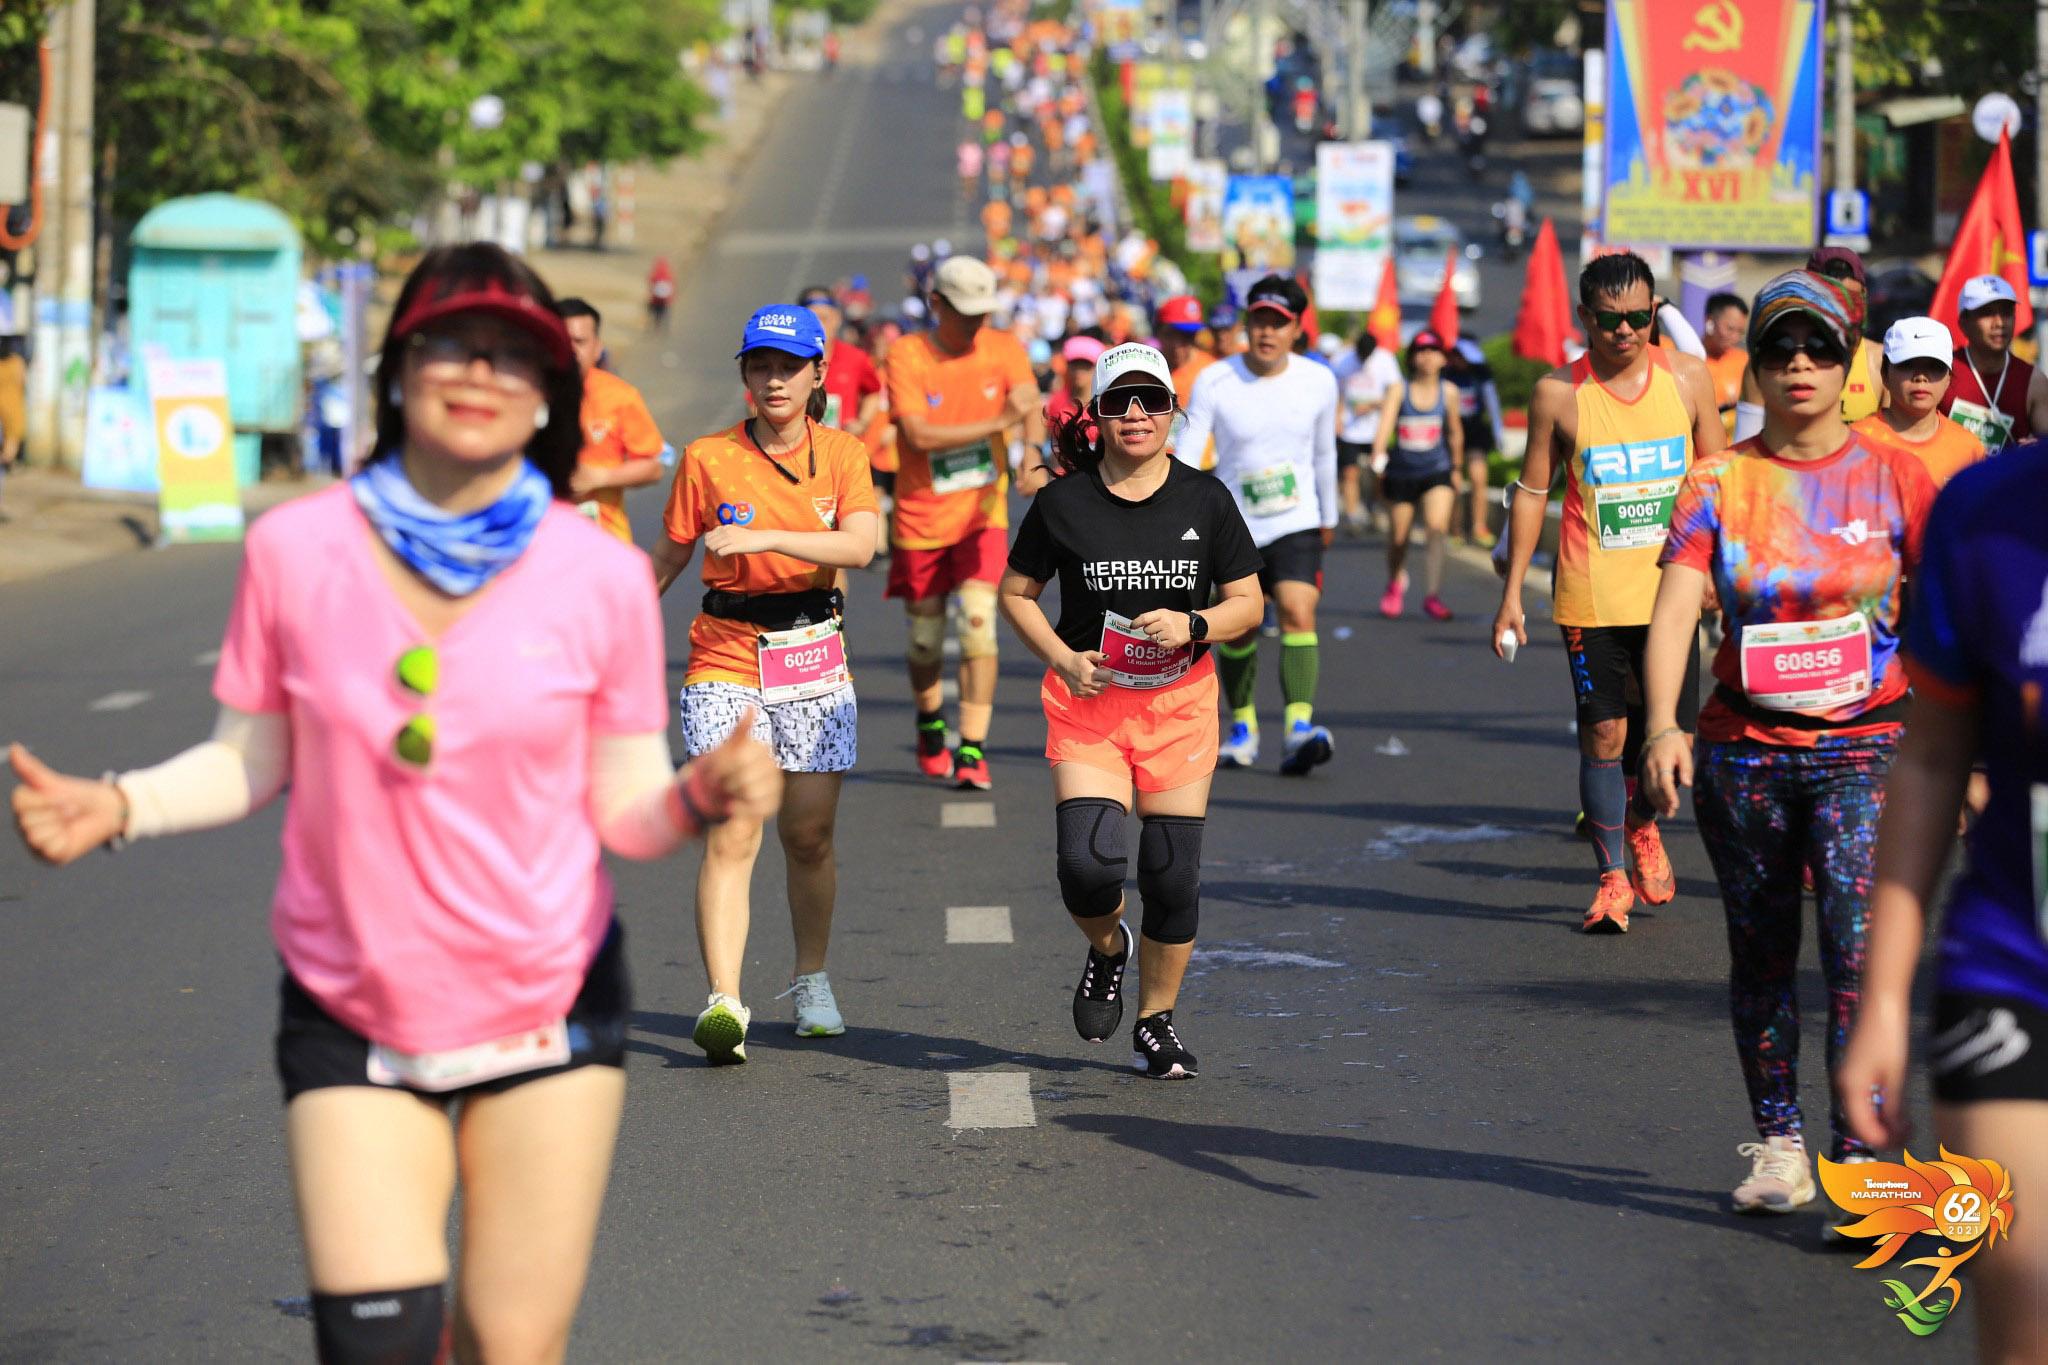 Herbalife Việt Nam hỗ trợ tổ chức Giải Vô địch quốc gia marathon và cự ly dài báo Tiền Phong (Tiền Phong Marathon) 2021